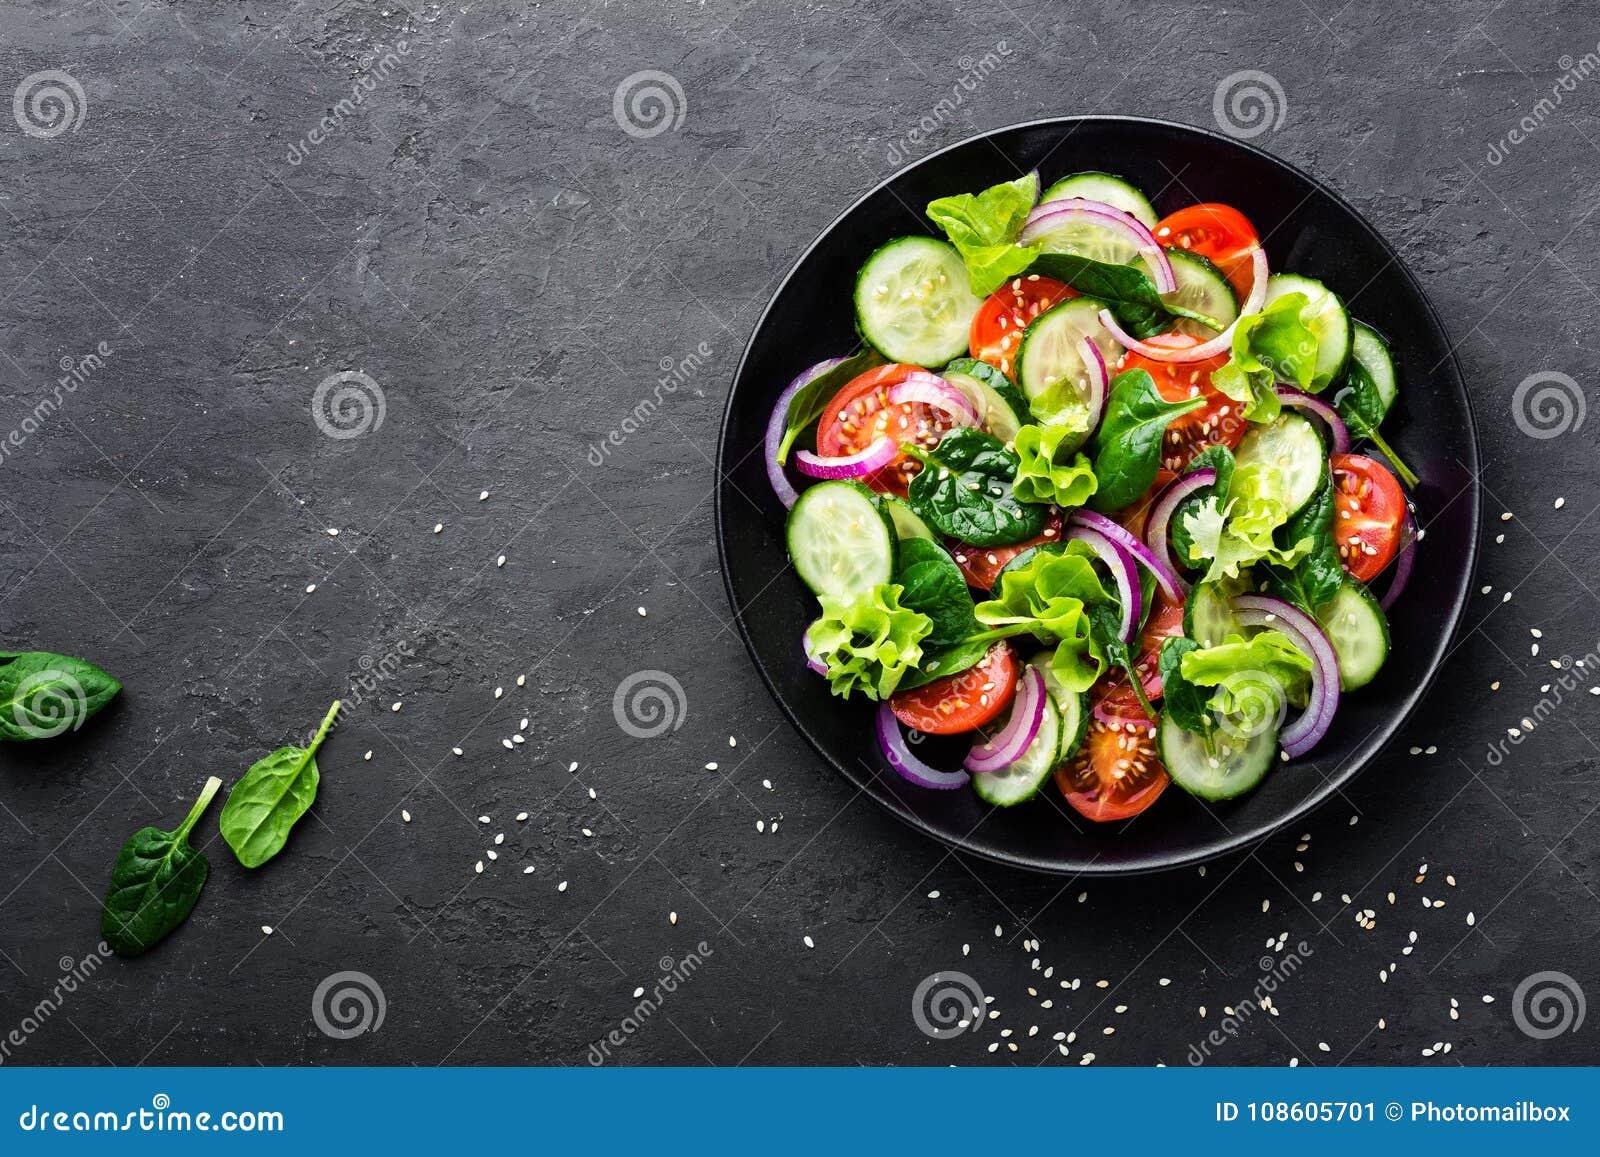 Zdrowa jarzynowa sałatka świeży pomidor, ogórek, cebula, szpinak, sałata i sezam na talerzu, Dieta menu